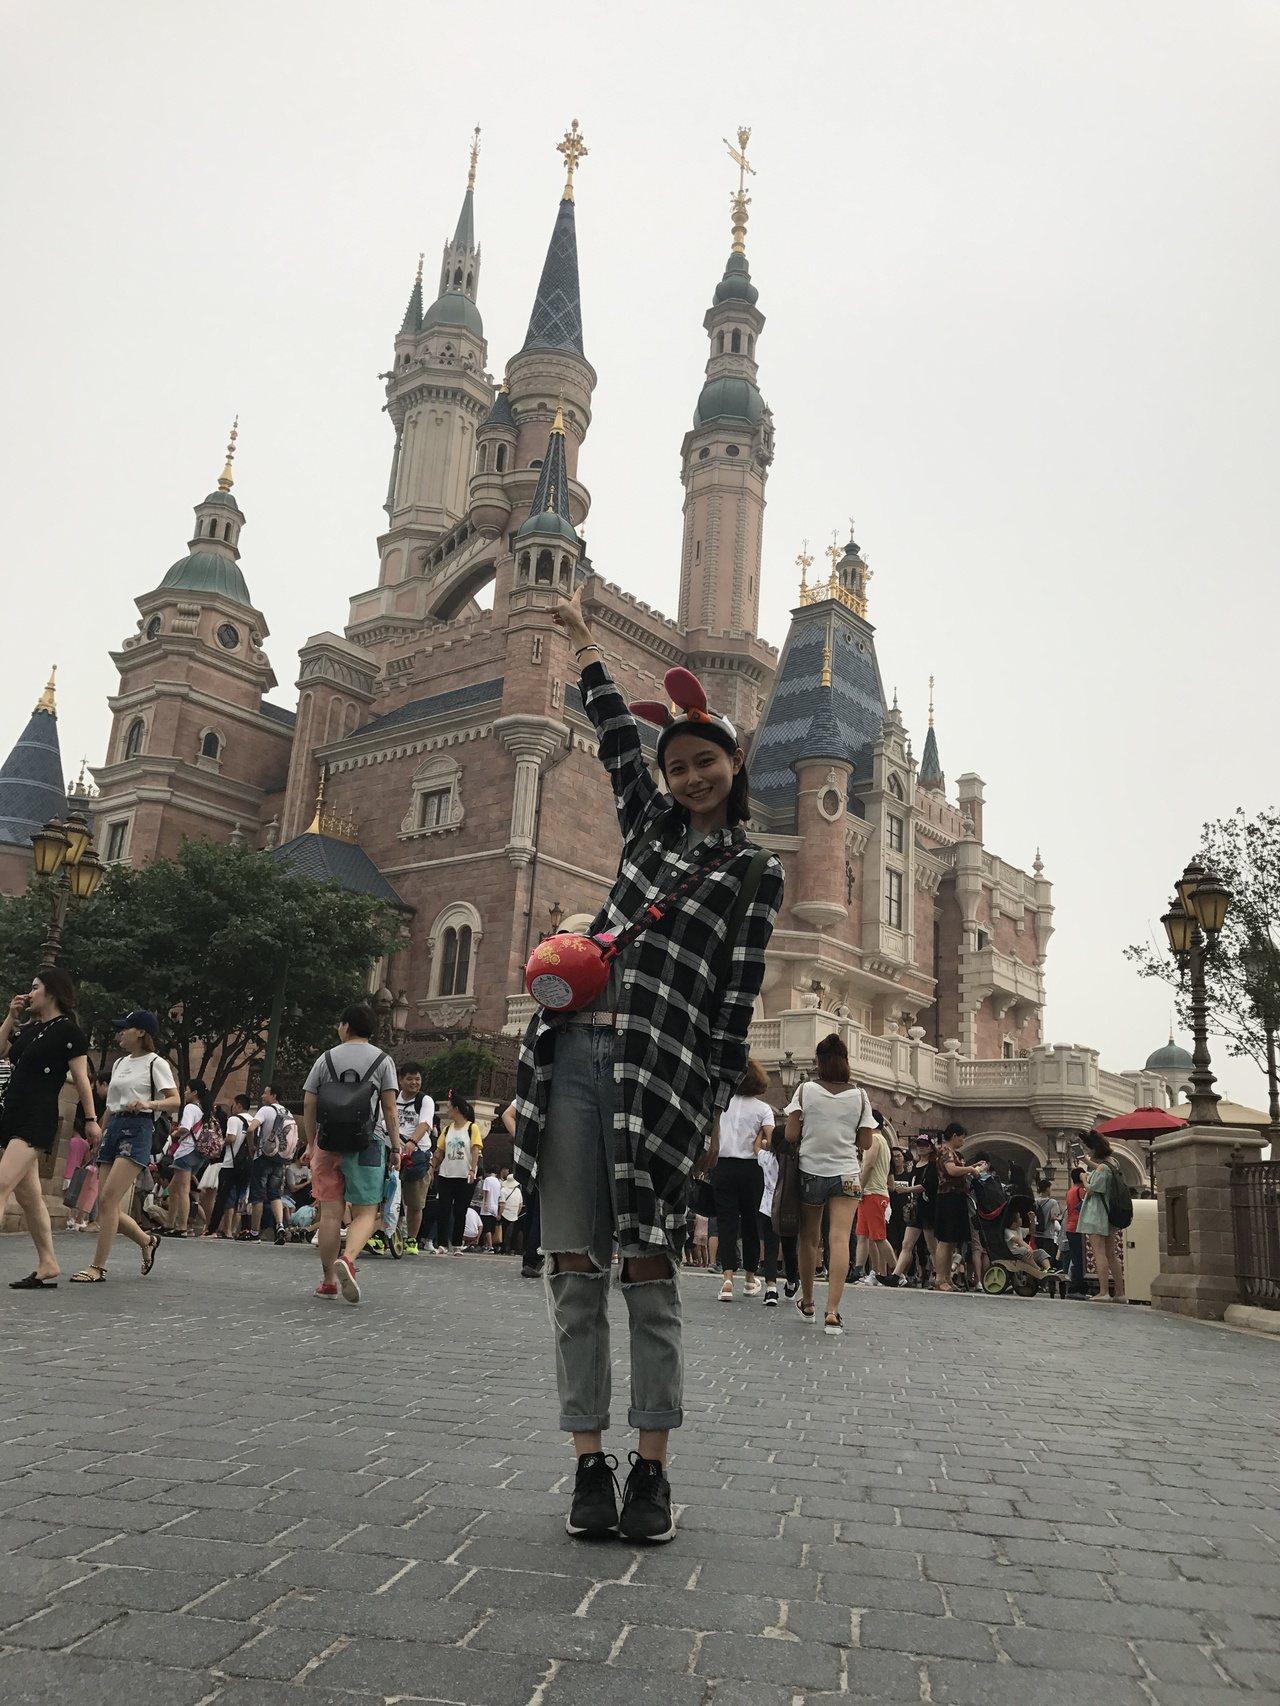 文雨非趁在上海拍戲3個月,藉機暢遊迪士尼樂園,平均1個月玩兩趟。圖/可米傳媒提供